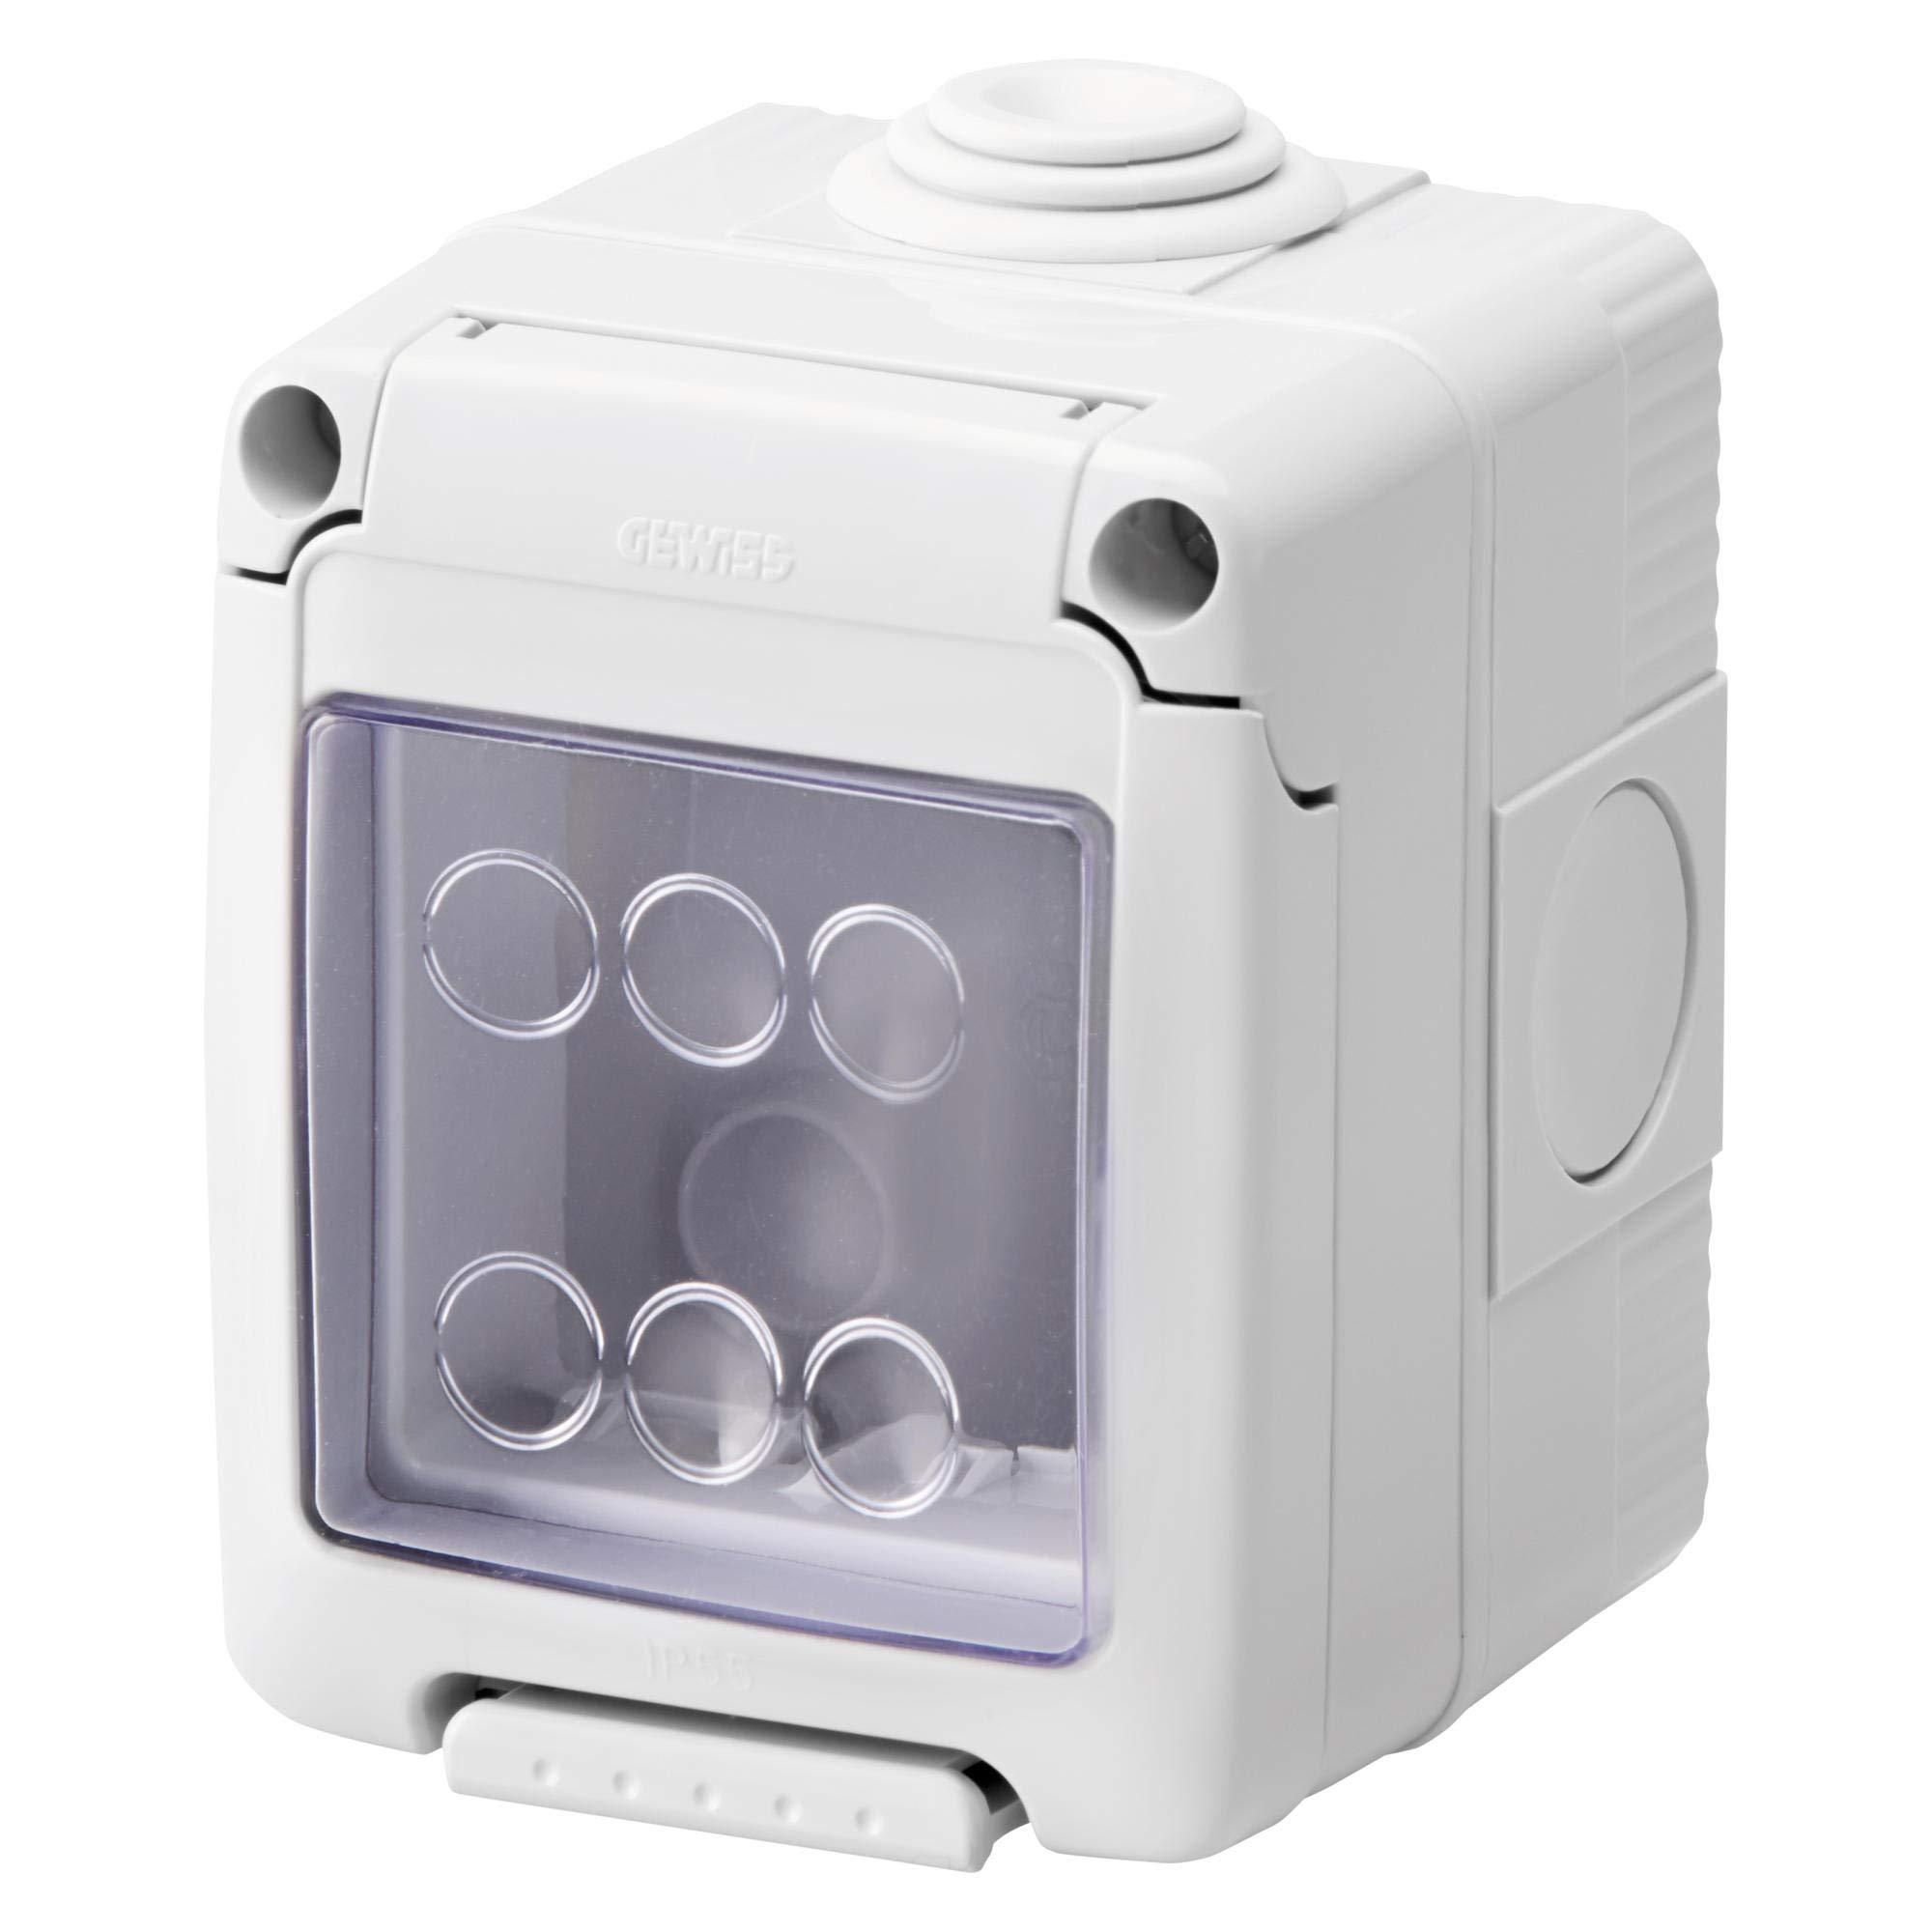 Gewiss GW27041 IP55 caja eléctrica - Caja para cuadro eléctrico (66 mm, 65 mm, 82 mm): Amazon.es: Bricolaje y herramientas